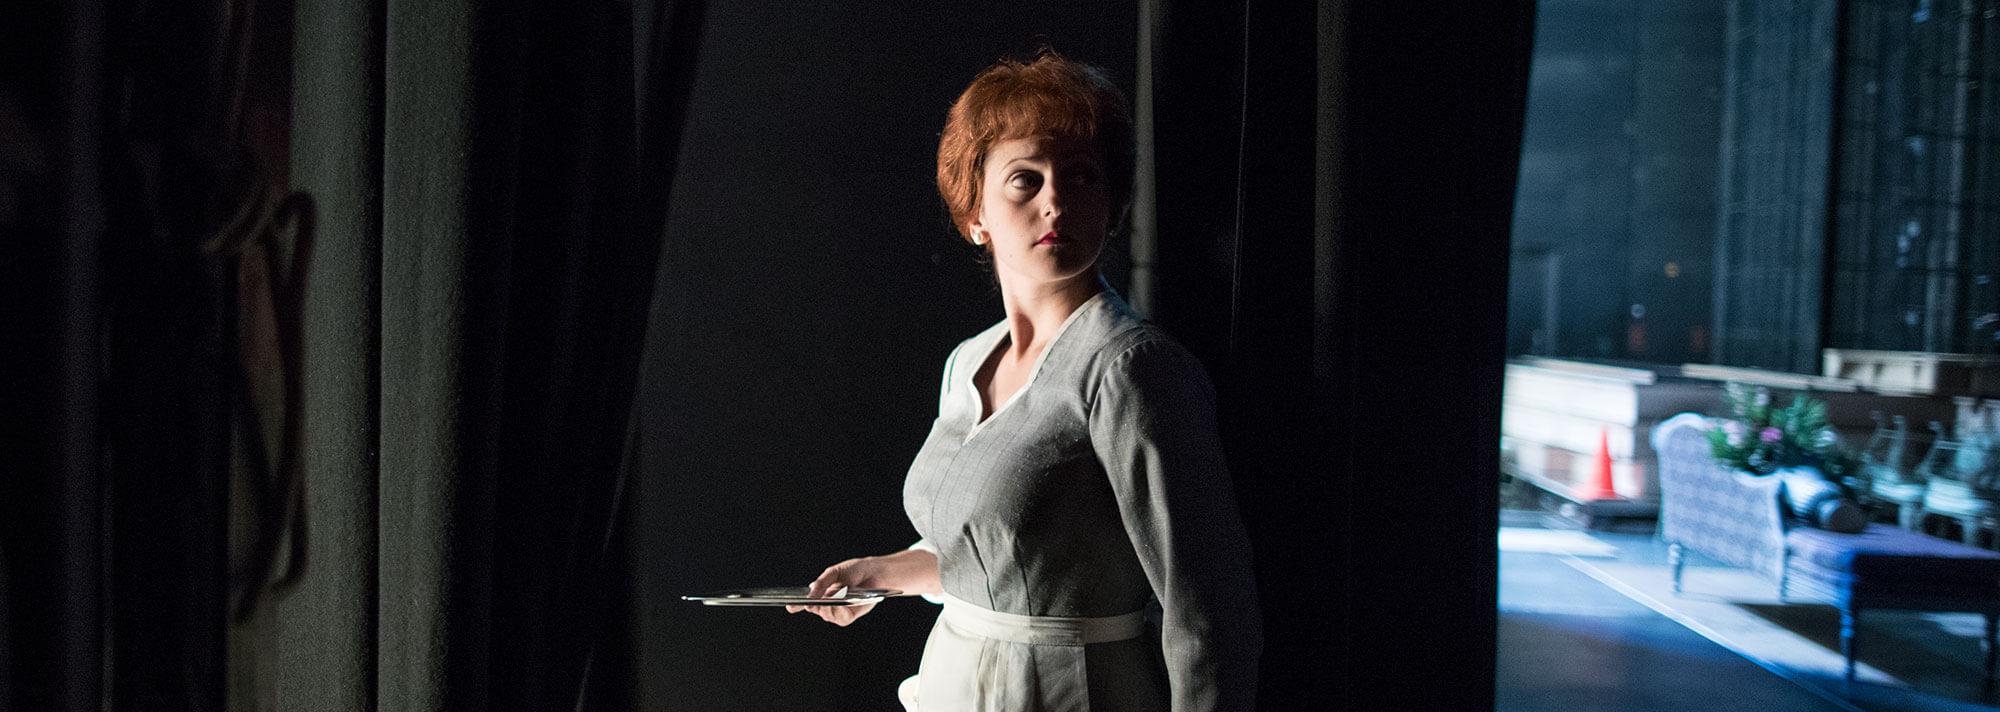 Jennifer Dzialoszynski backstage